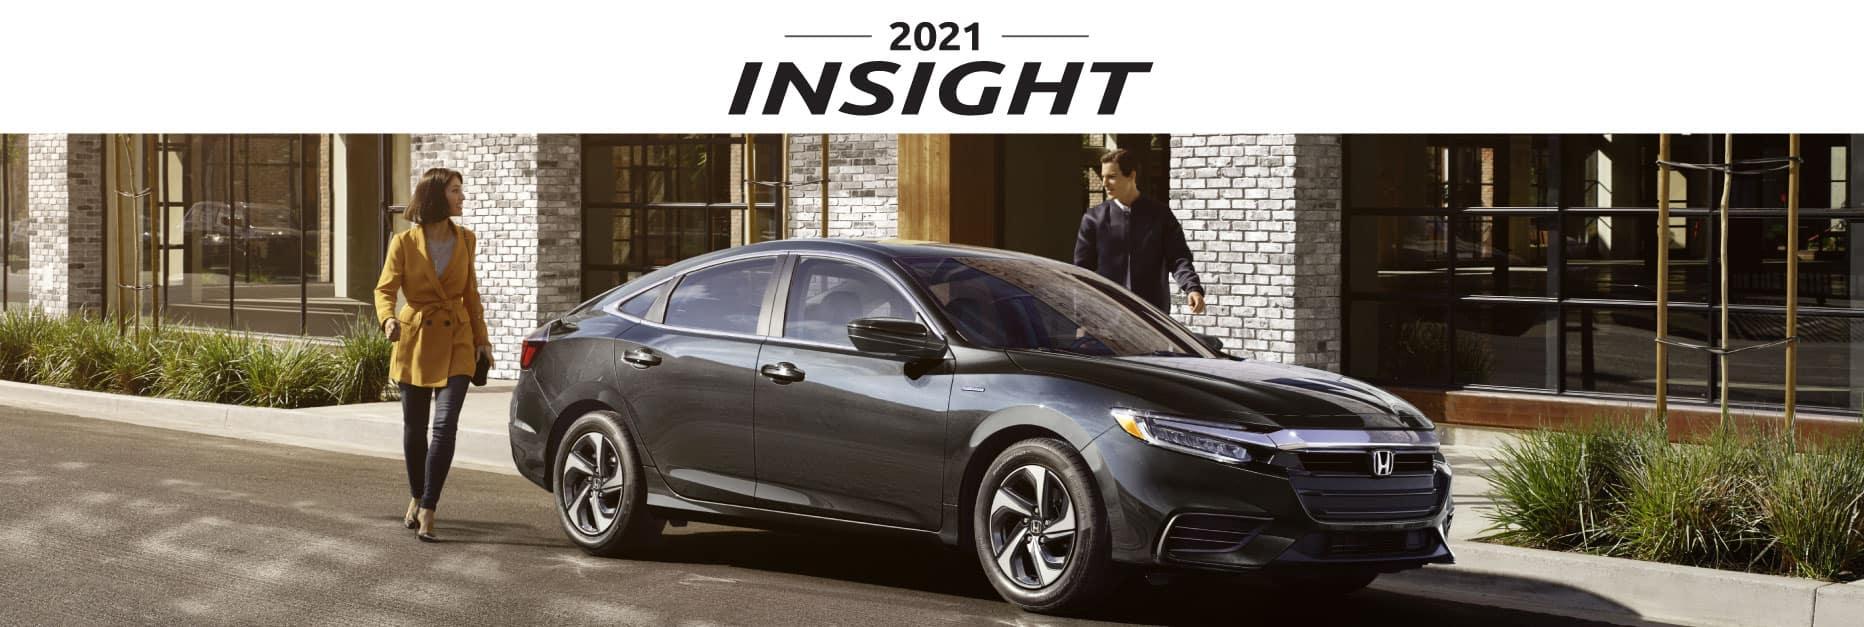 Header Photo of the 2021 Honda Insight